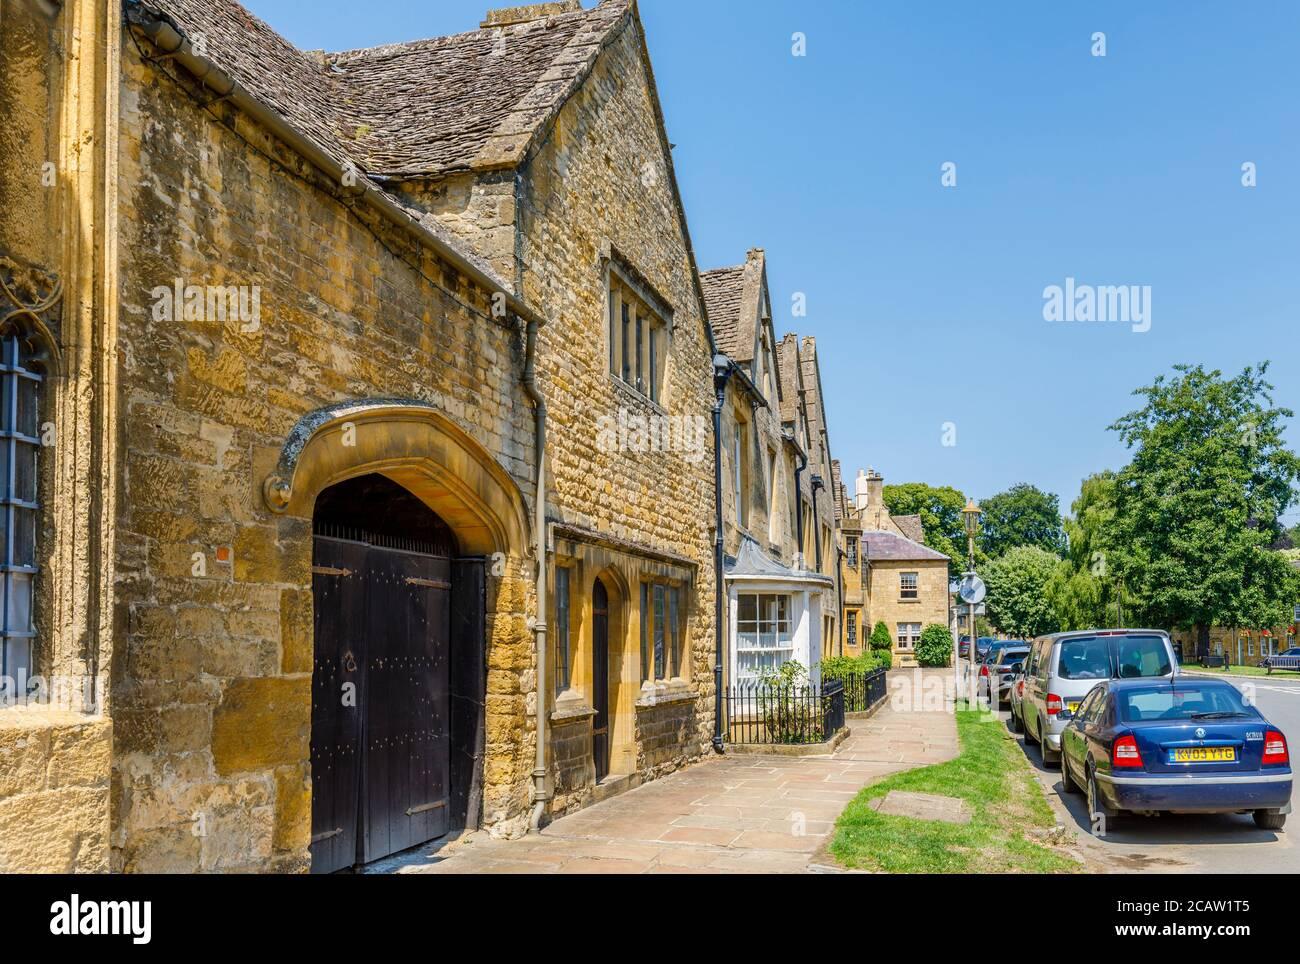 Pittoresque en bord de route, les cottages traditionnels en pierre de Cotswold et les bâtiments de Chipping Campden, une petite ville marchande des Cotswolds dans le Gloucestershire Banque D'Images